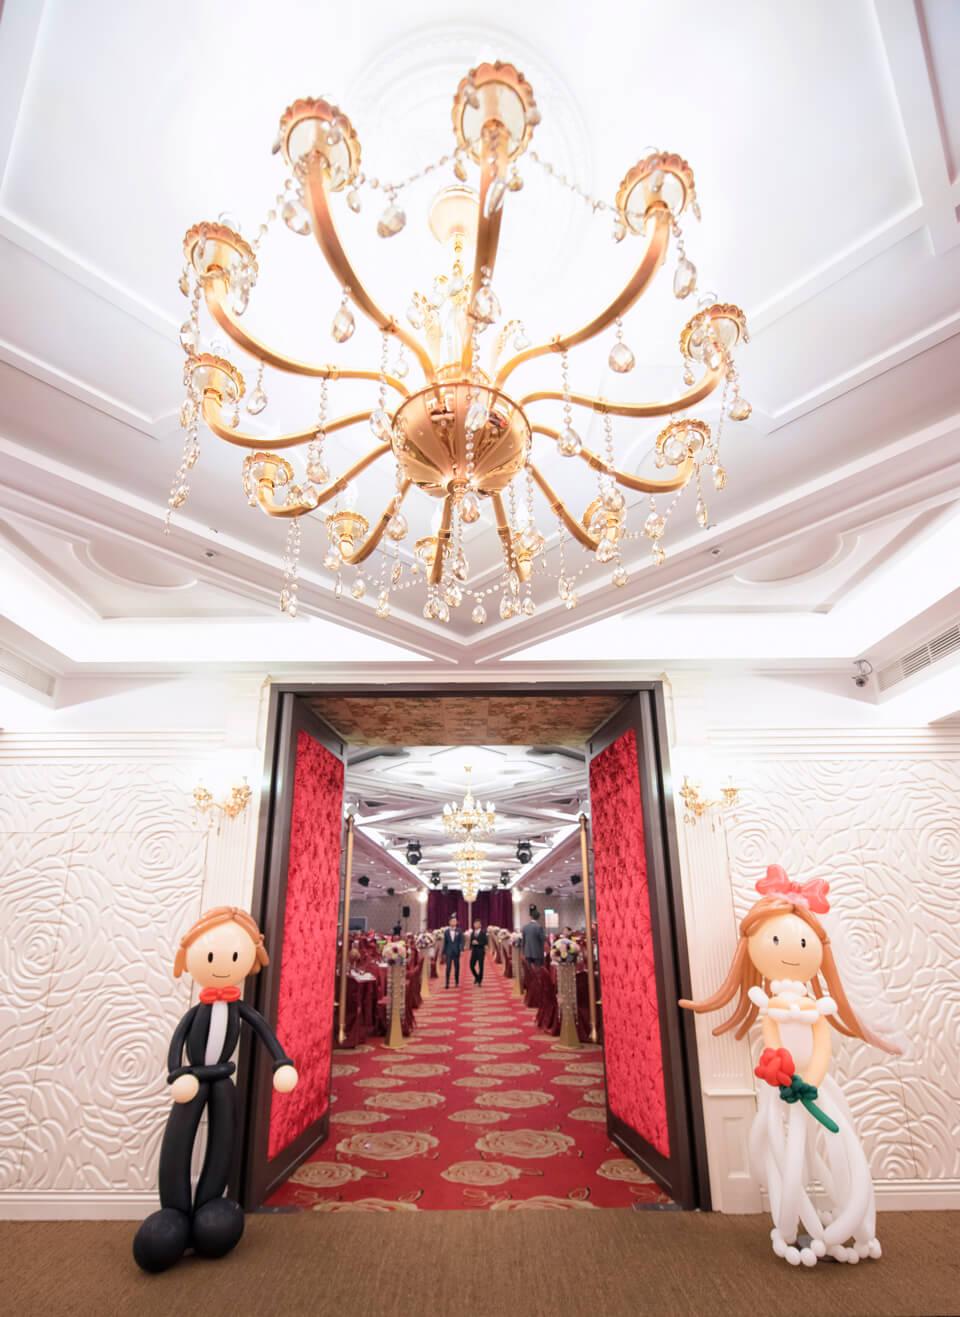 一比一等身人型的精緻氣球,讓走進會場的賓客非常驚喜呢